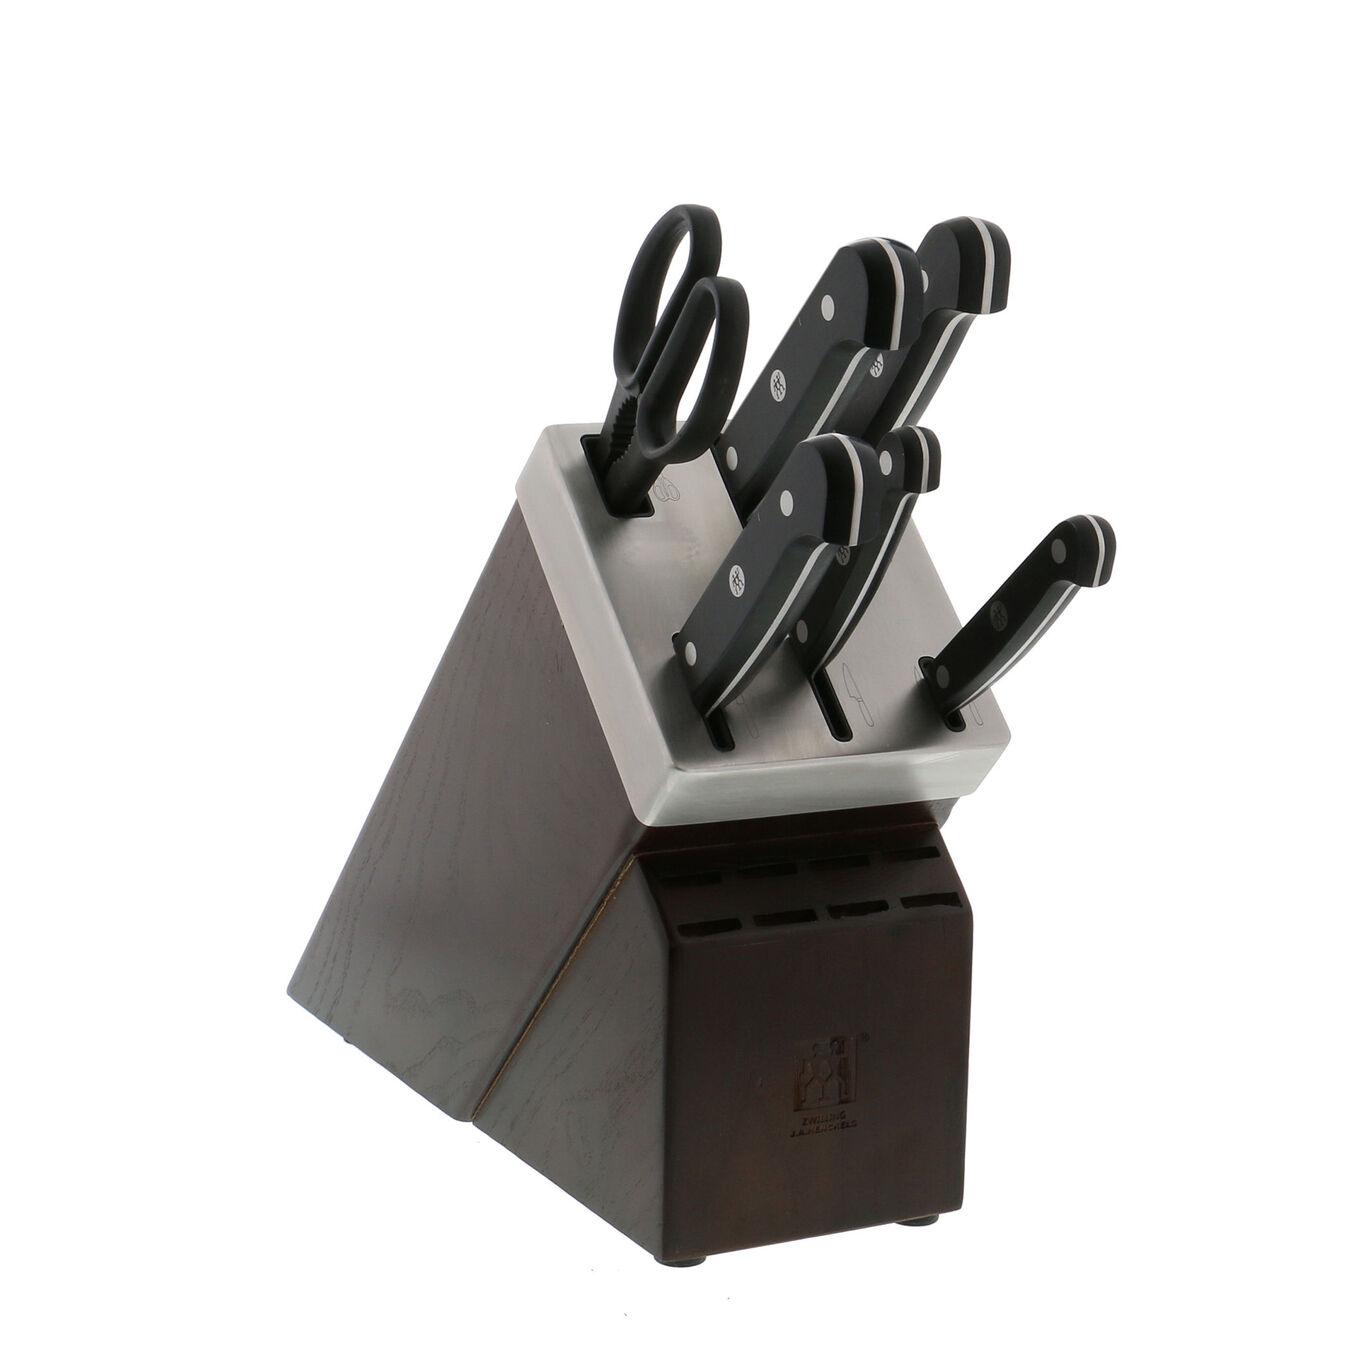 7-pc Self-Sharpening Block Set,,large 1